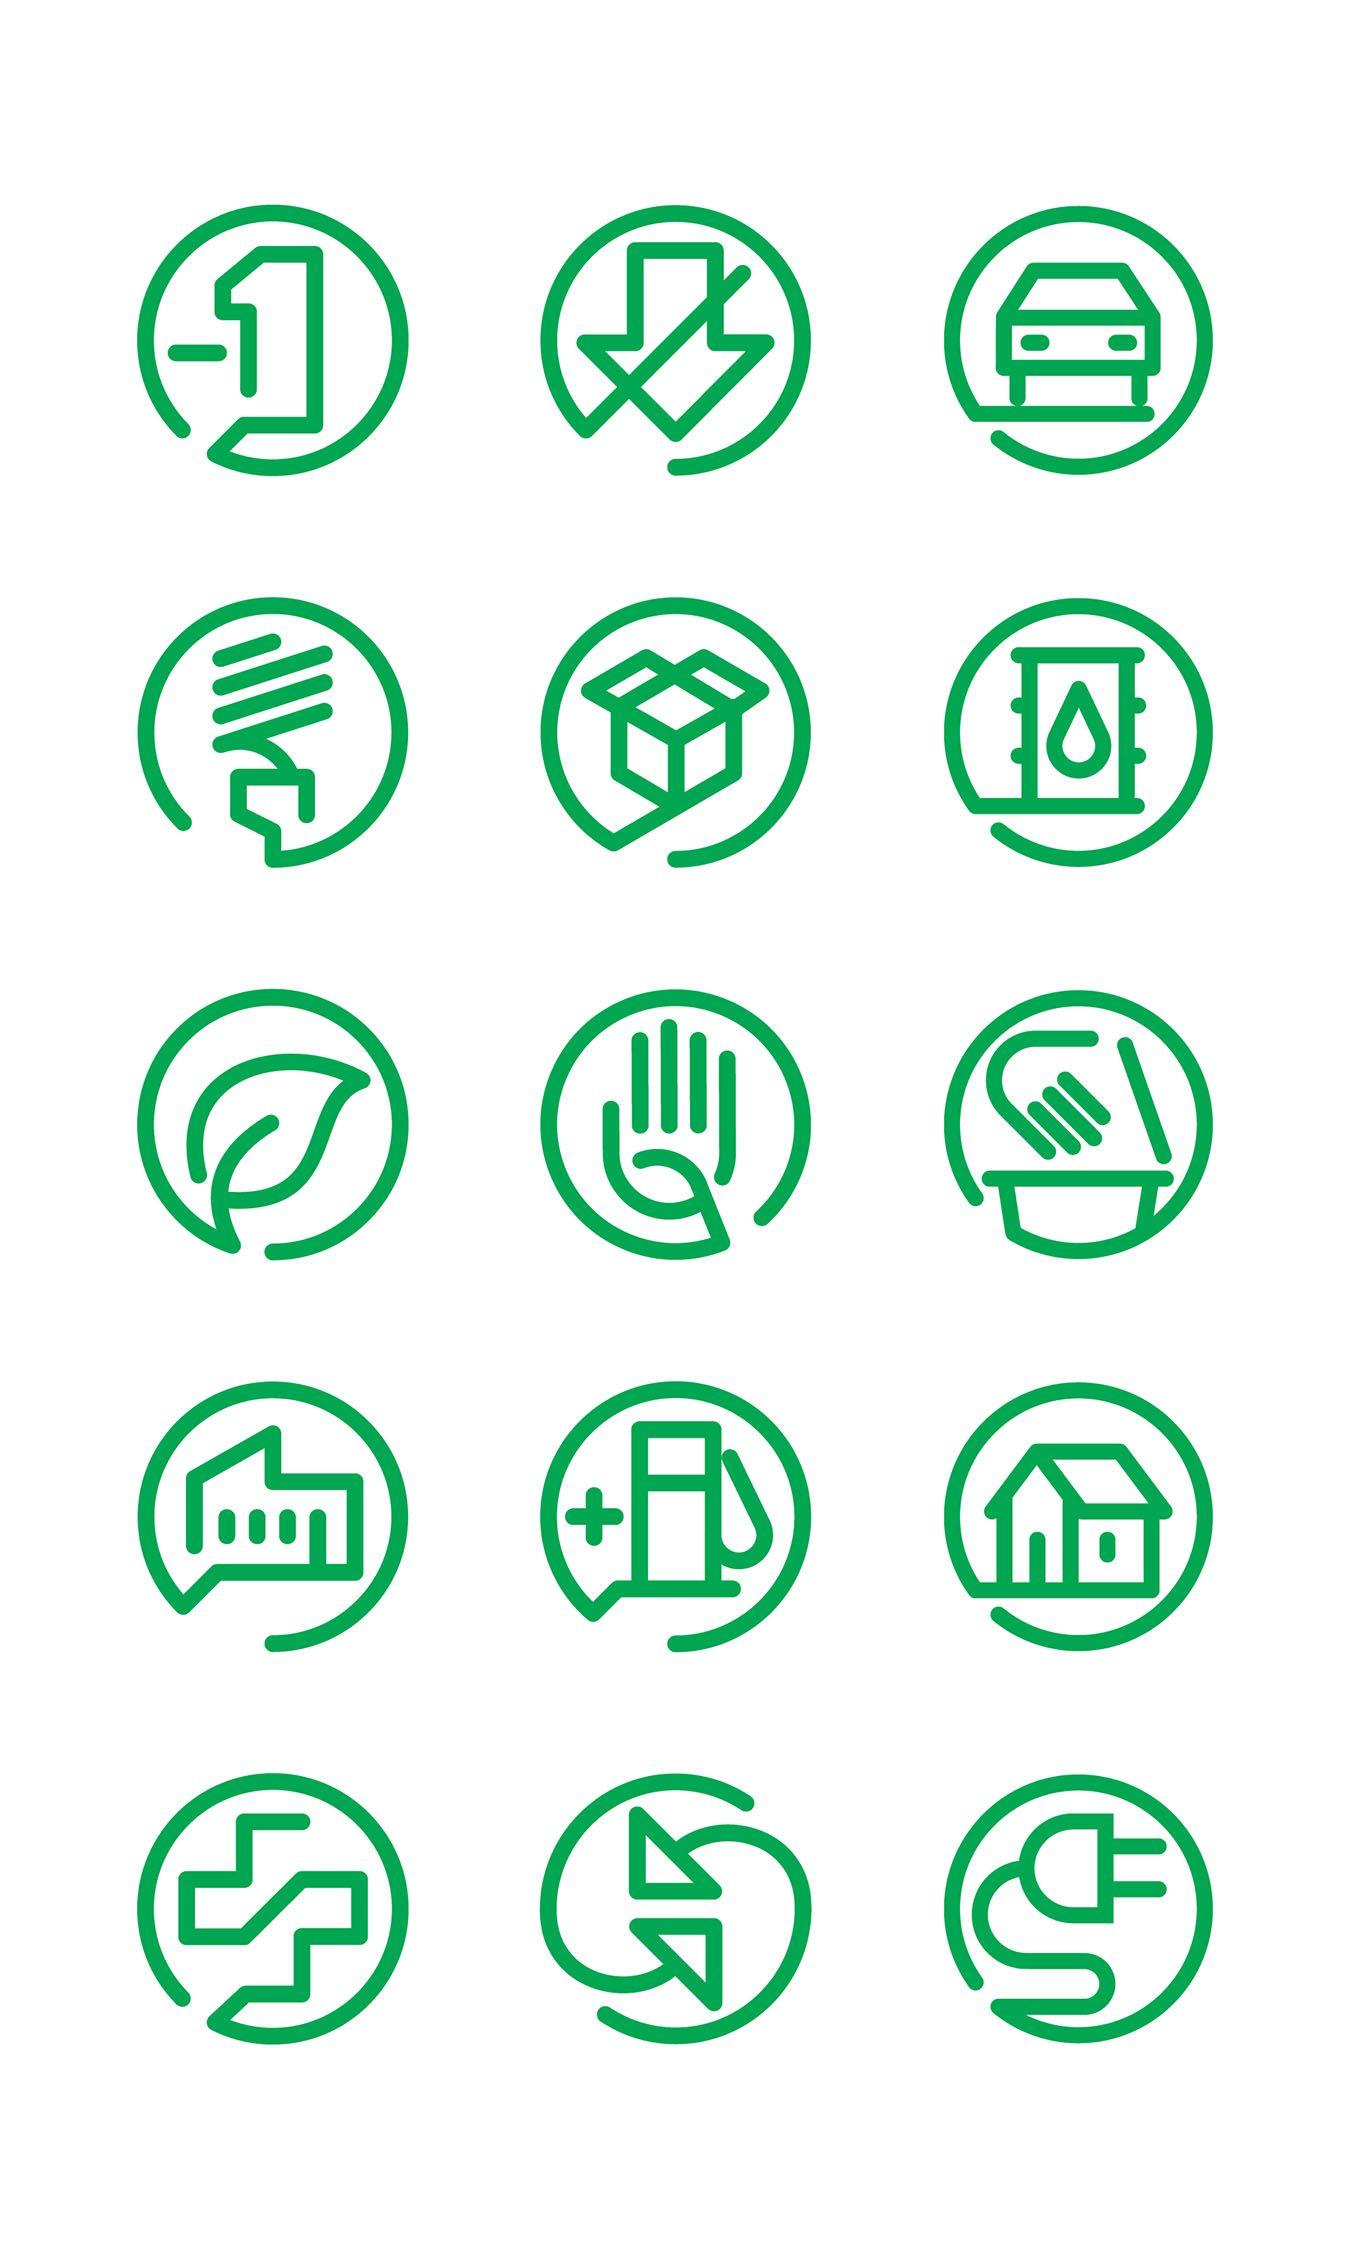 meritor sustainability icons by tony beard icons